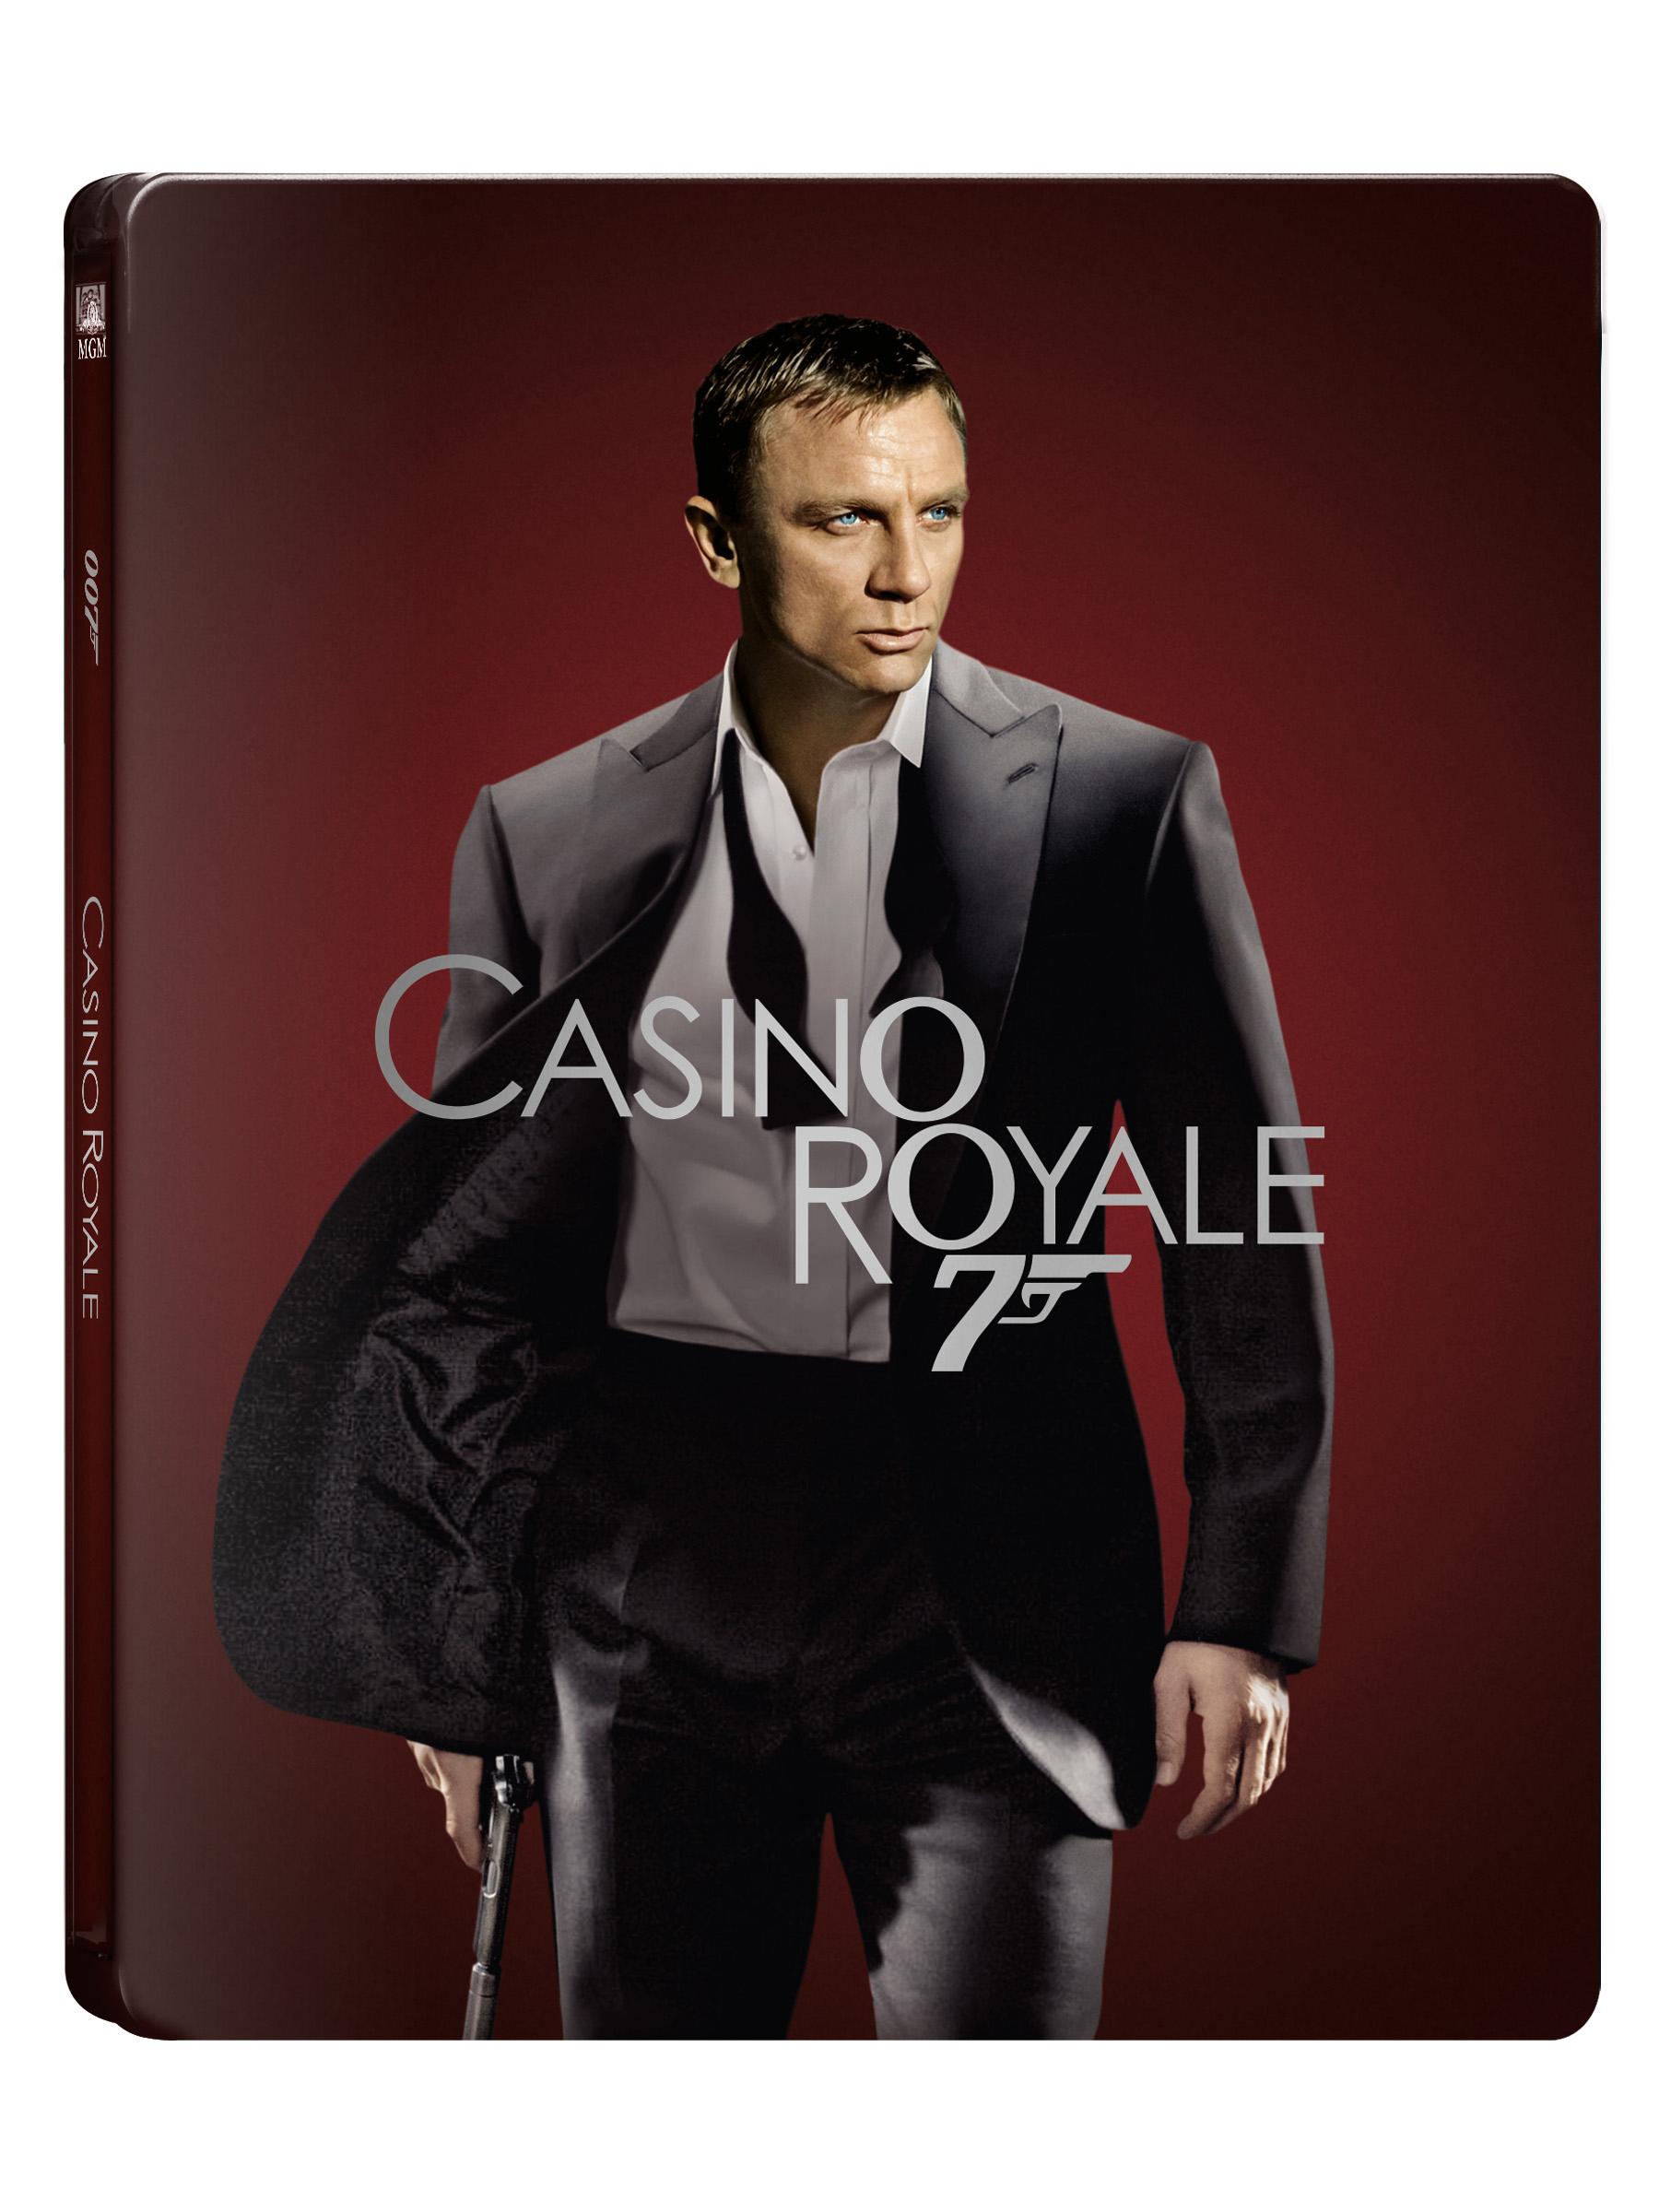 [Blu-ray] 007 카지노 로얄 4K(2Disc: 4K UHD+BD) 스틸북 한정판